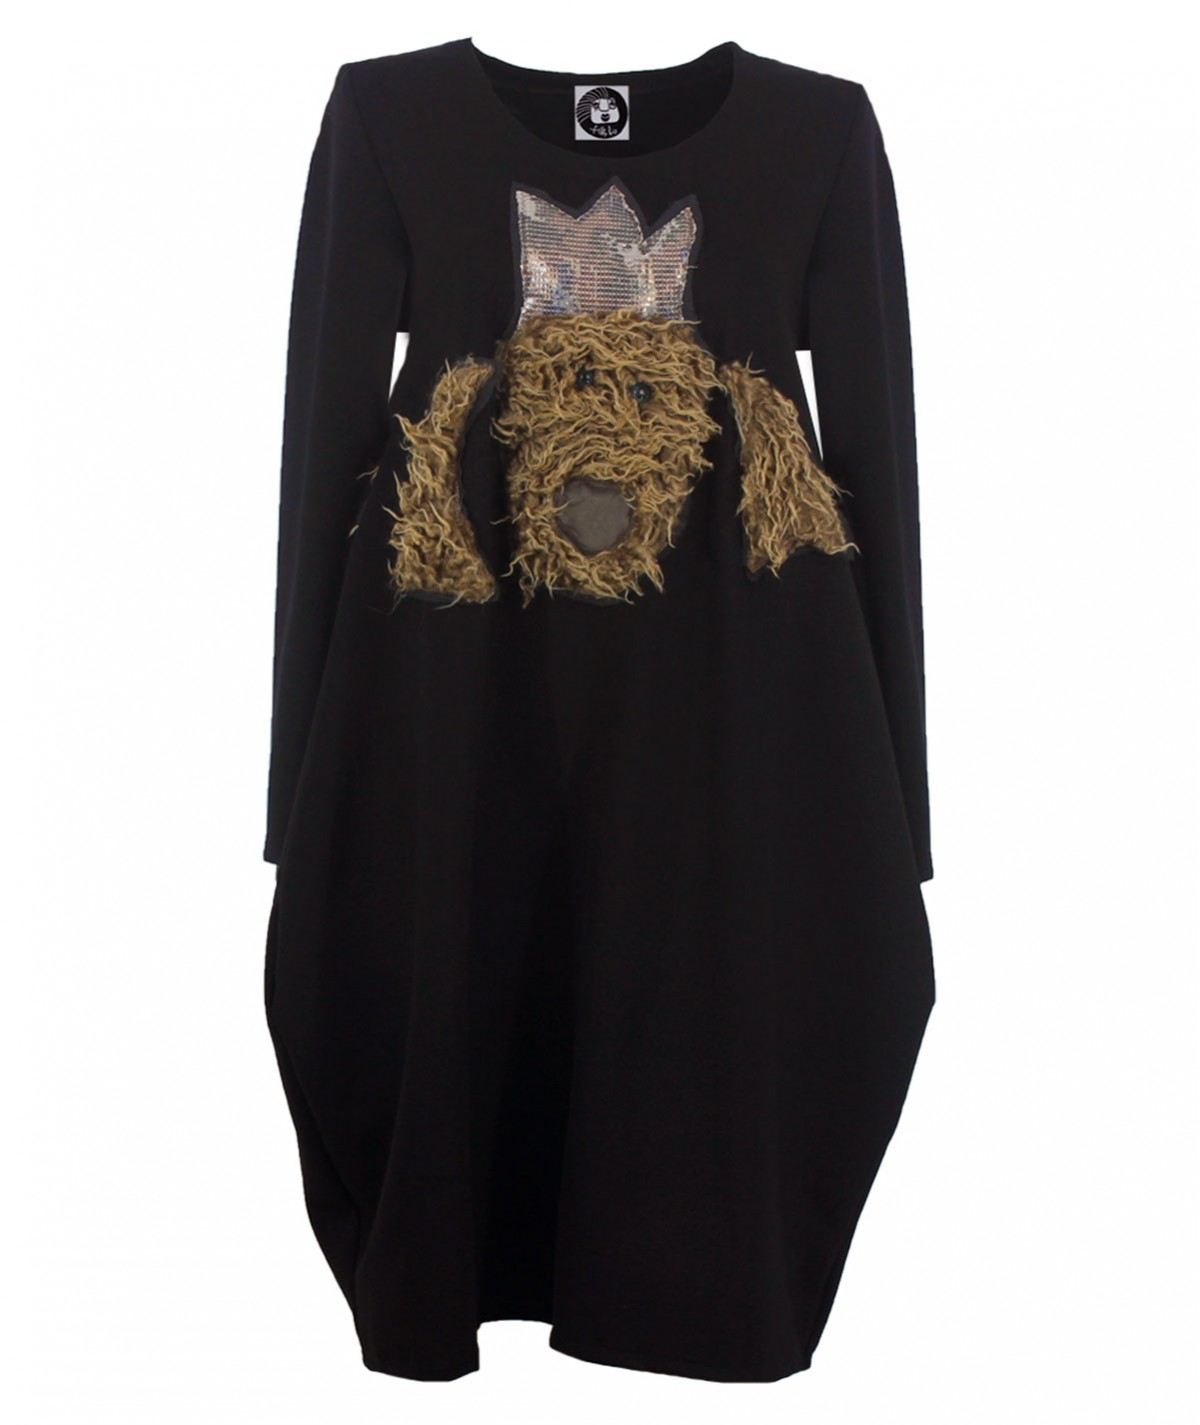 Woof Woof Dress